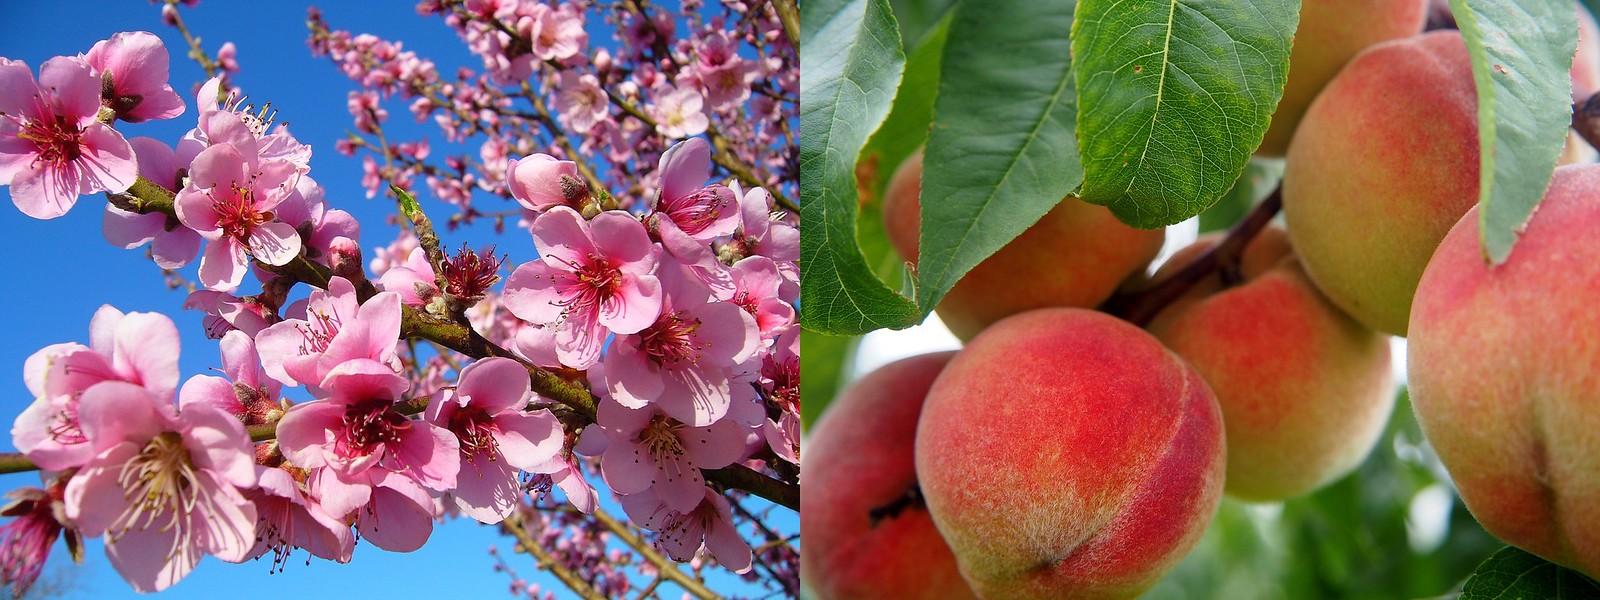 복숭아꽃과 열매